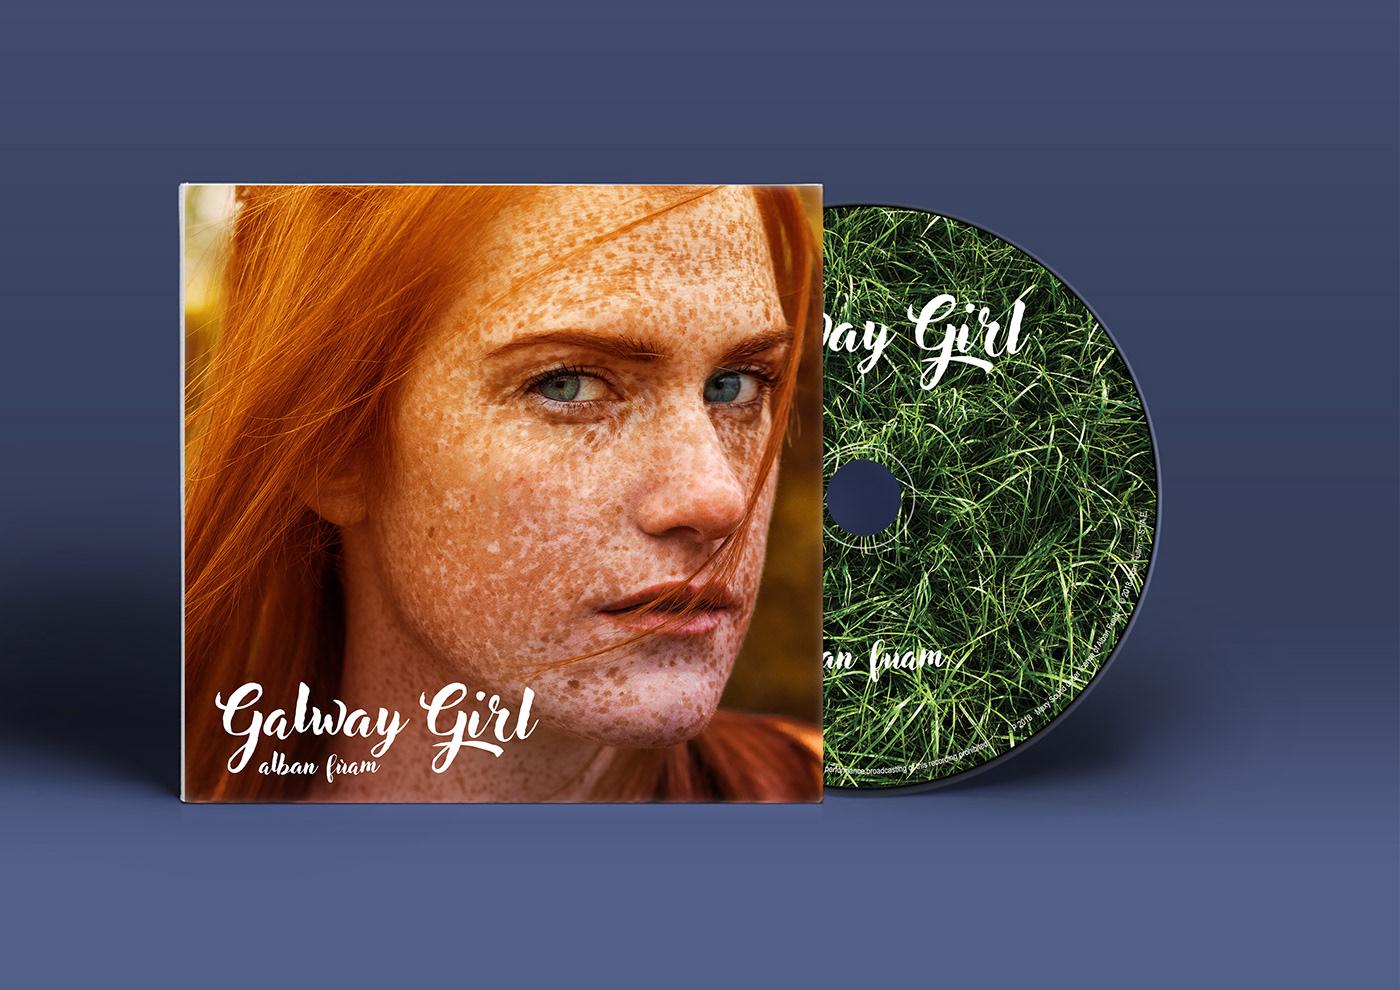 red hair red haired girl freckles irish girl autumn Ireland Irish music